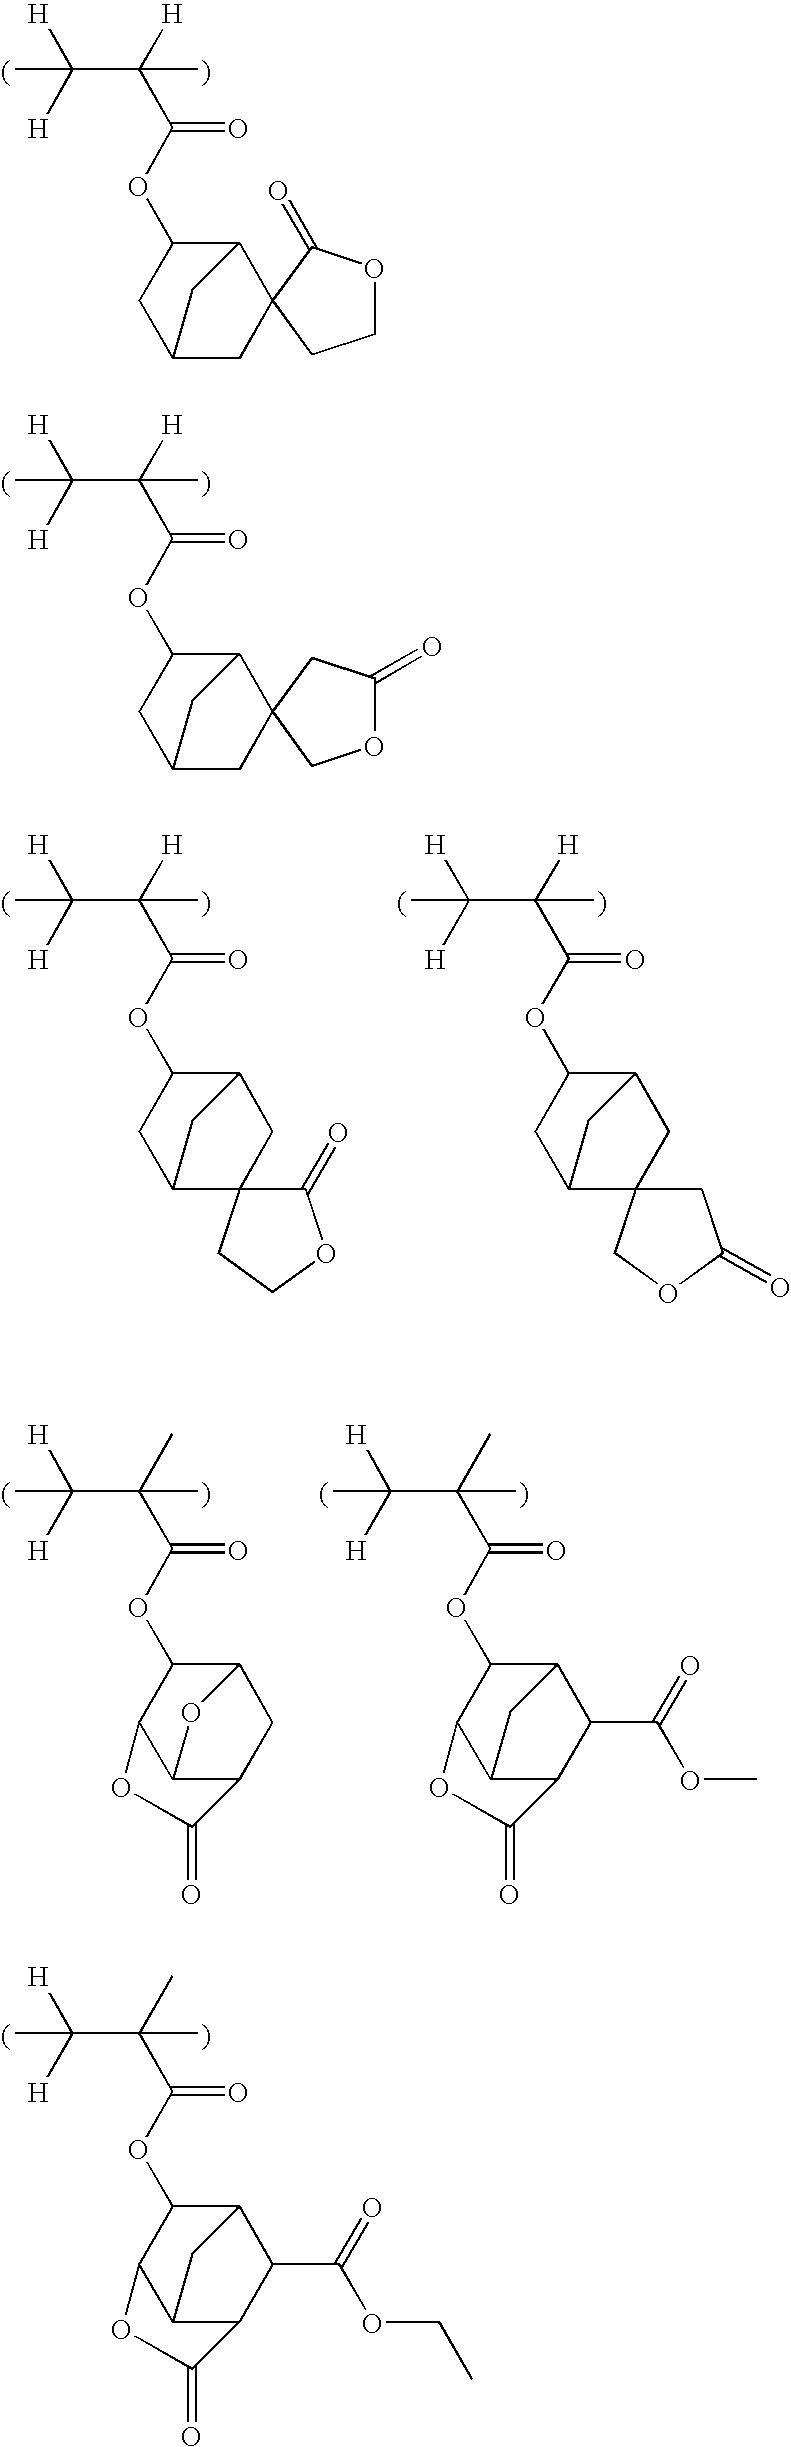 Figure US20090011365A1-20090108-C00056